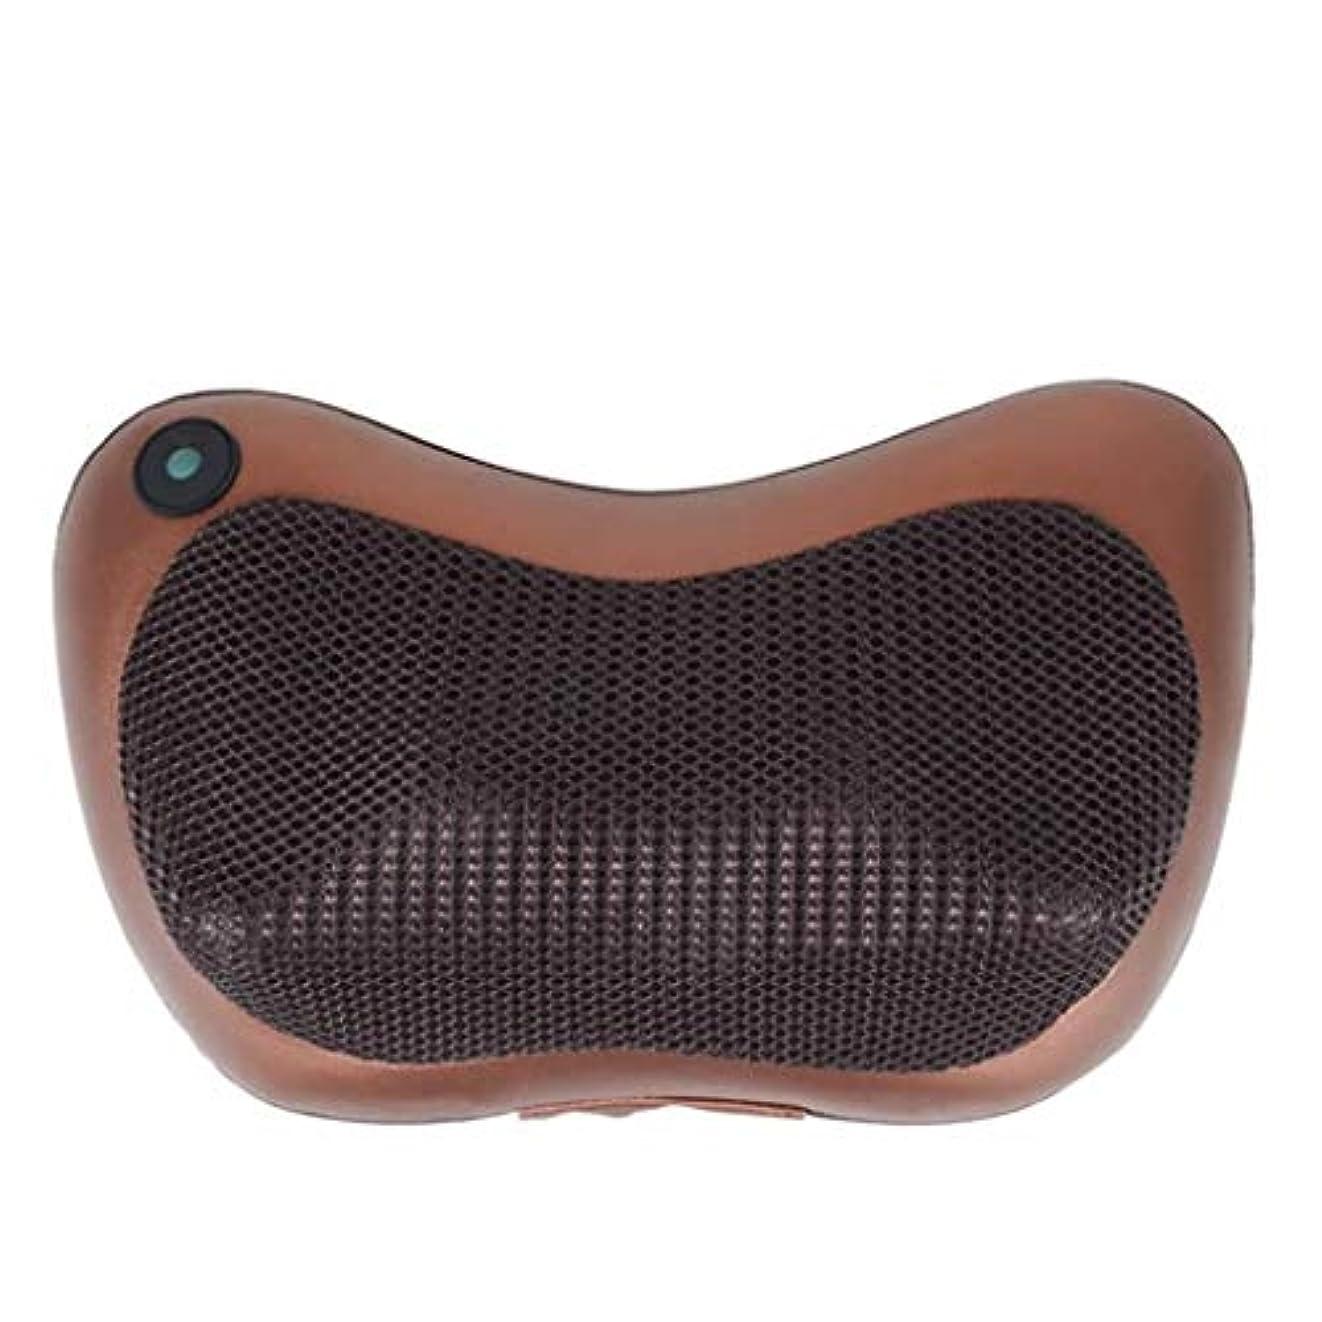 カイウスオンドラムネックマッサージケアデバイス、ネックマッサージピロー、多機能ボディポータブルマッサージャー、3Dディープニーディングマッサージ、血液循環/睡眠の促進、痛みと圧力の緩和、車/オフィス/家庭での使用に適しています